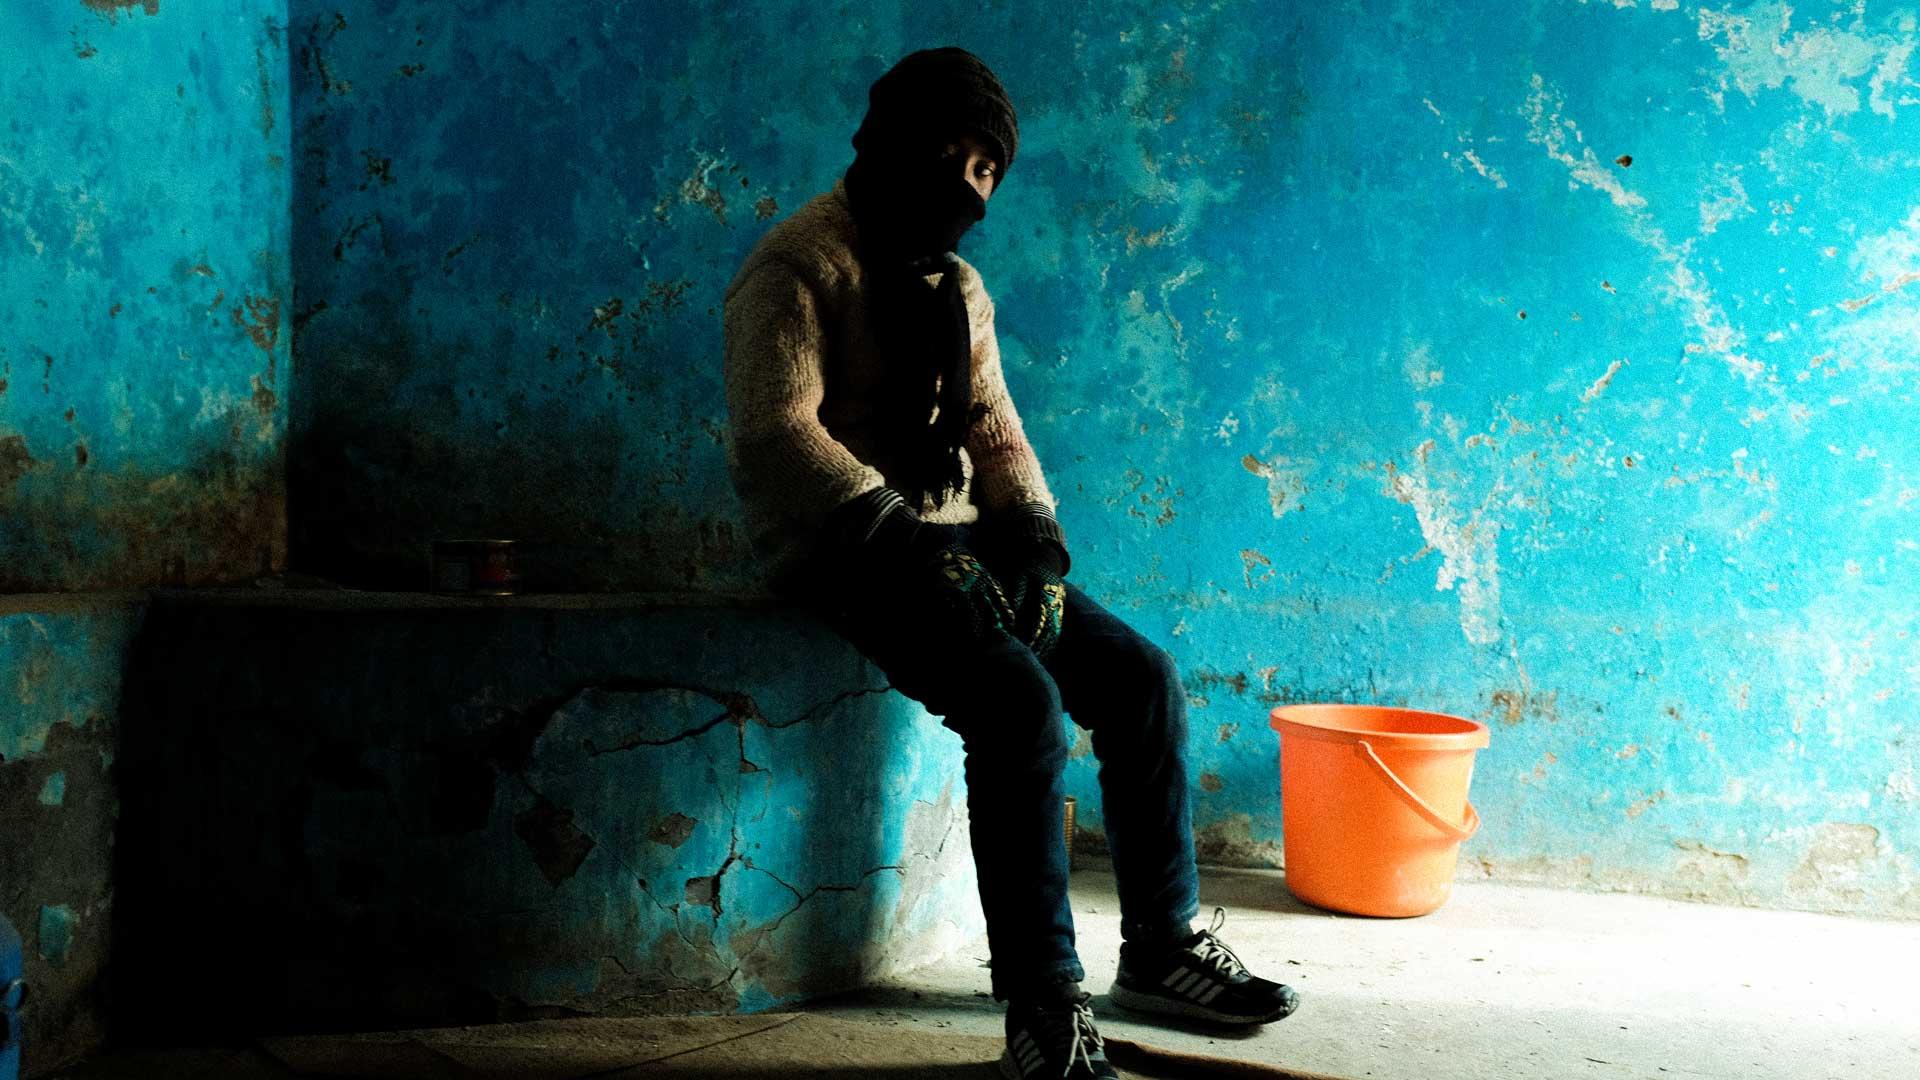 david hofmann cinematographer photo 14